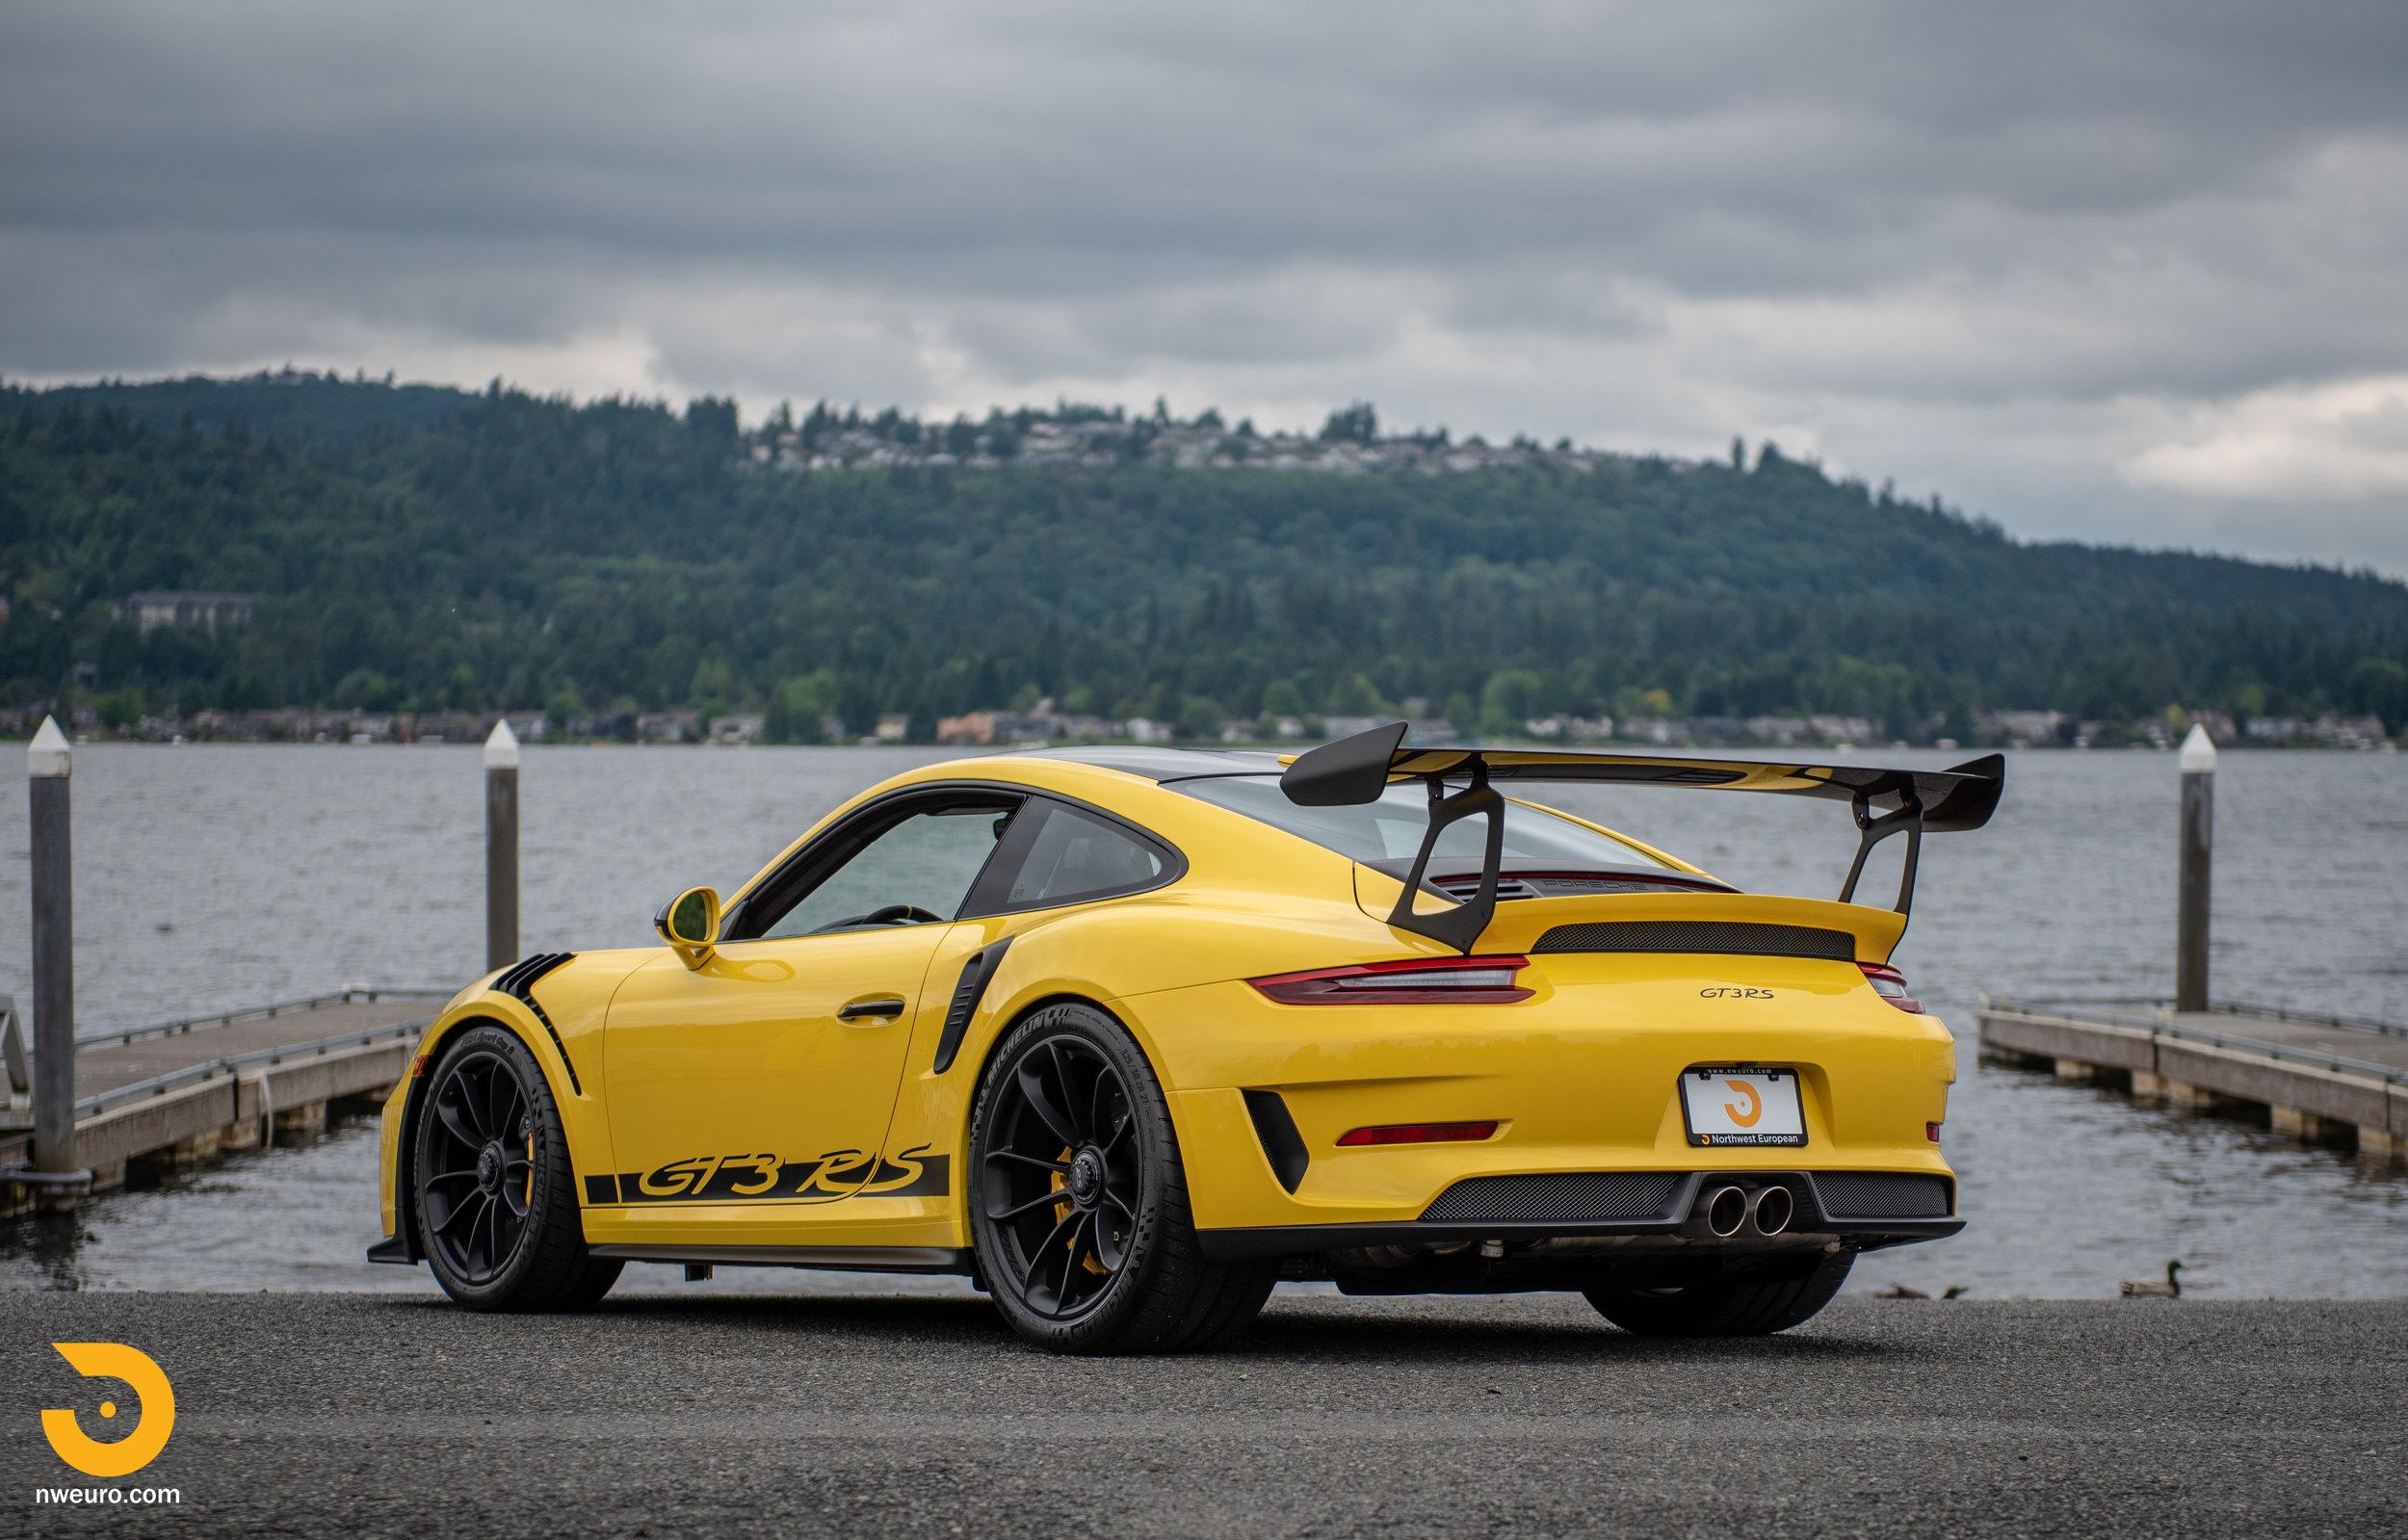 2019 Porsche GT3 RS-22.jpg